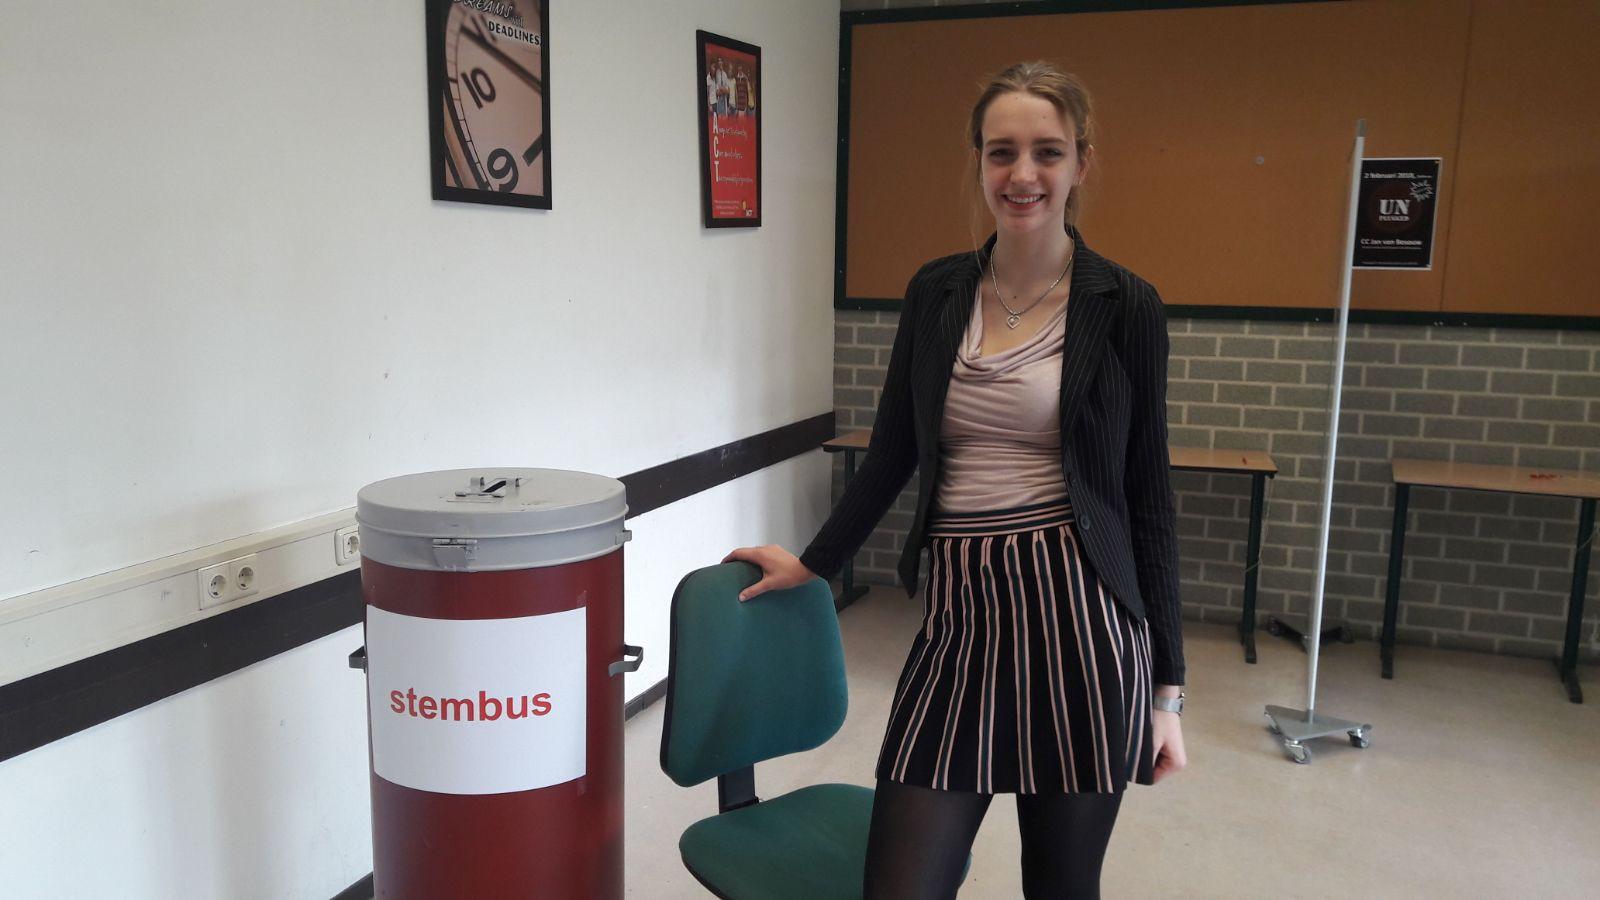 Anne Glerum bij de stembus van de leerlingenverkiezingen.